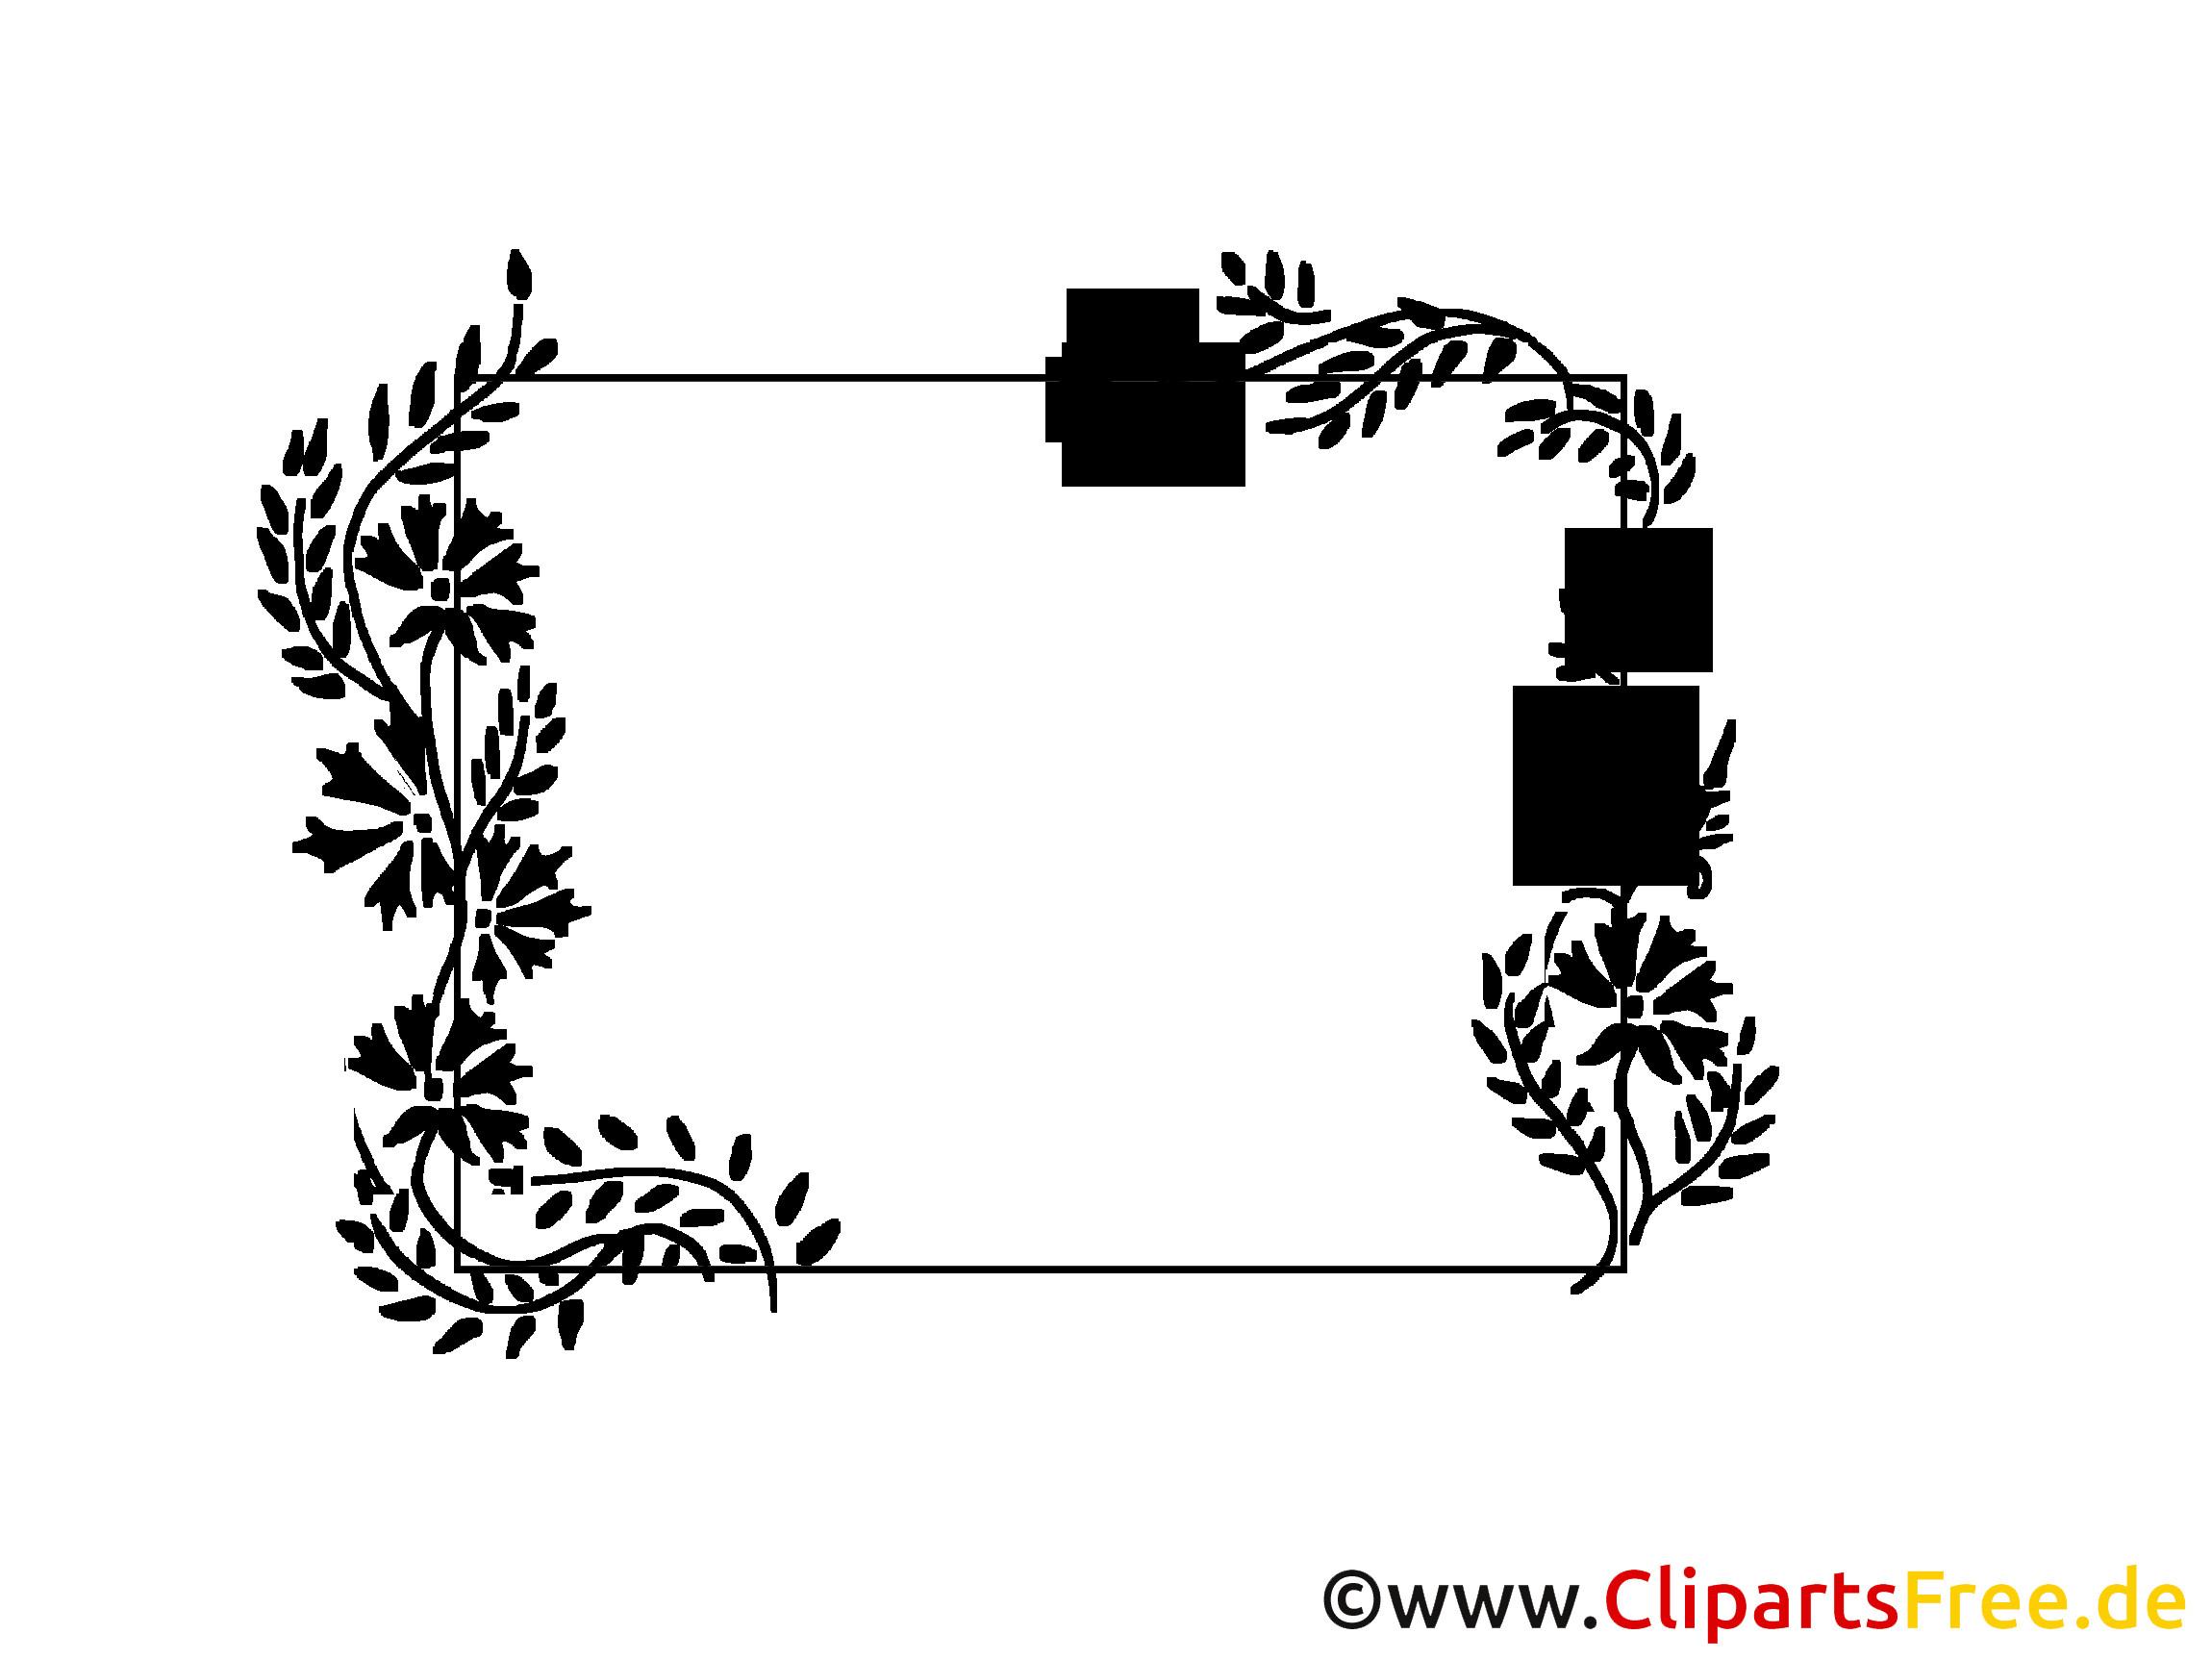 Cliparts Hochzeit Kostenlos Herunterladen  rahmen hochzeit clipart schwarz weiß 6